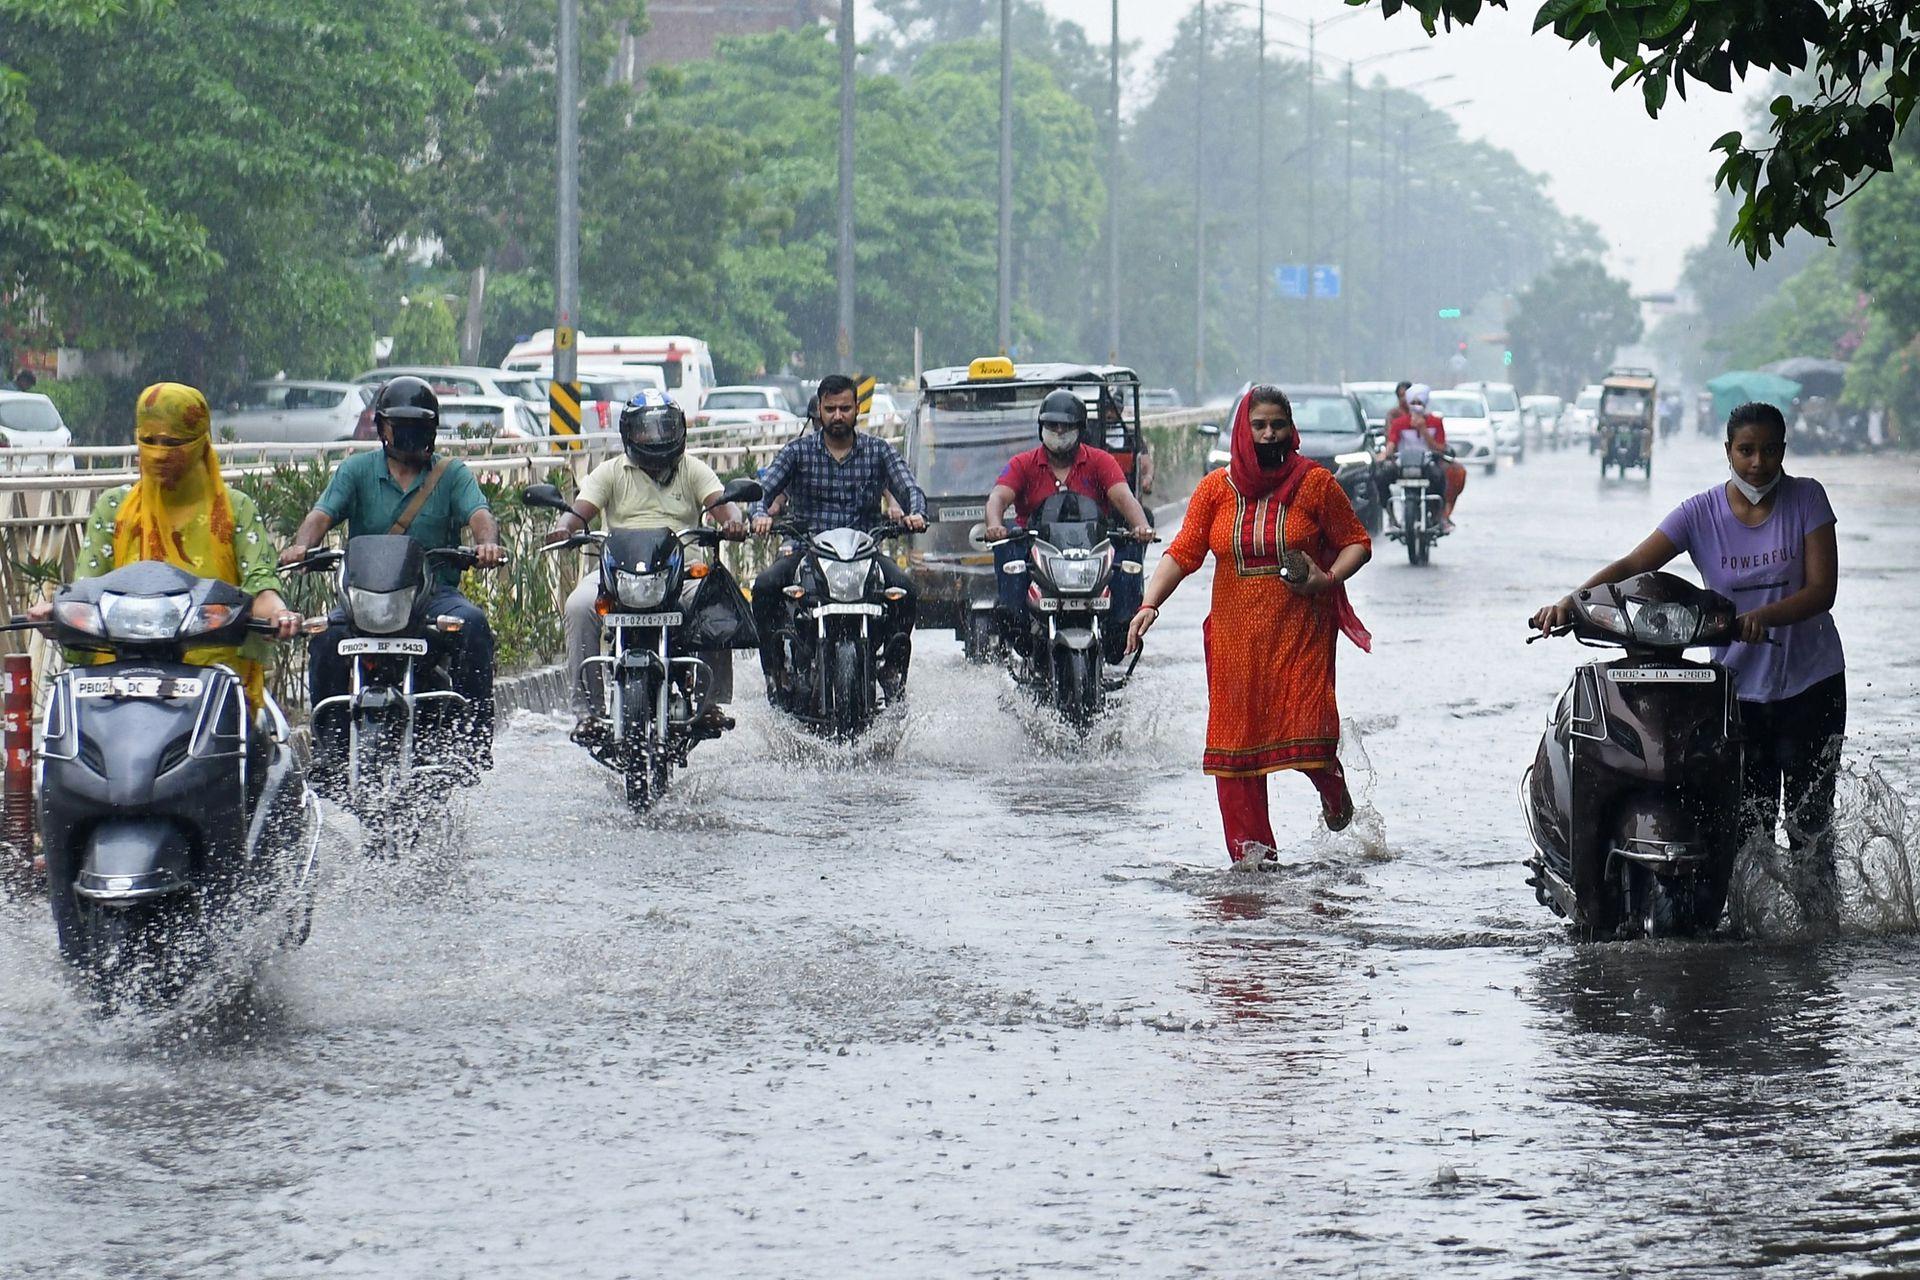 Al menos 50 personas murieron al ser alcanzadas por rayos en distintas ciudades de la India